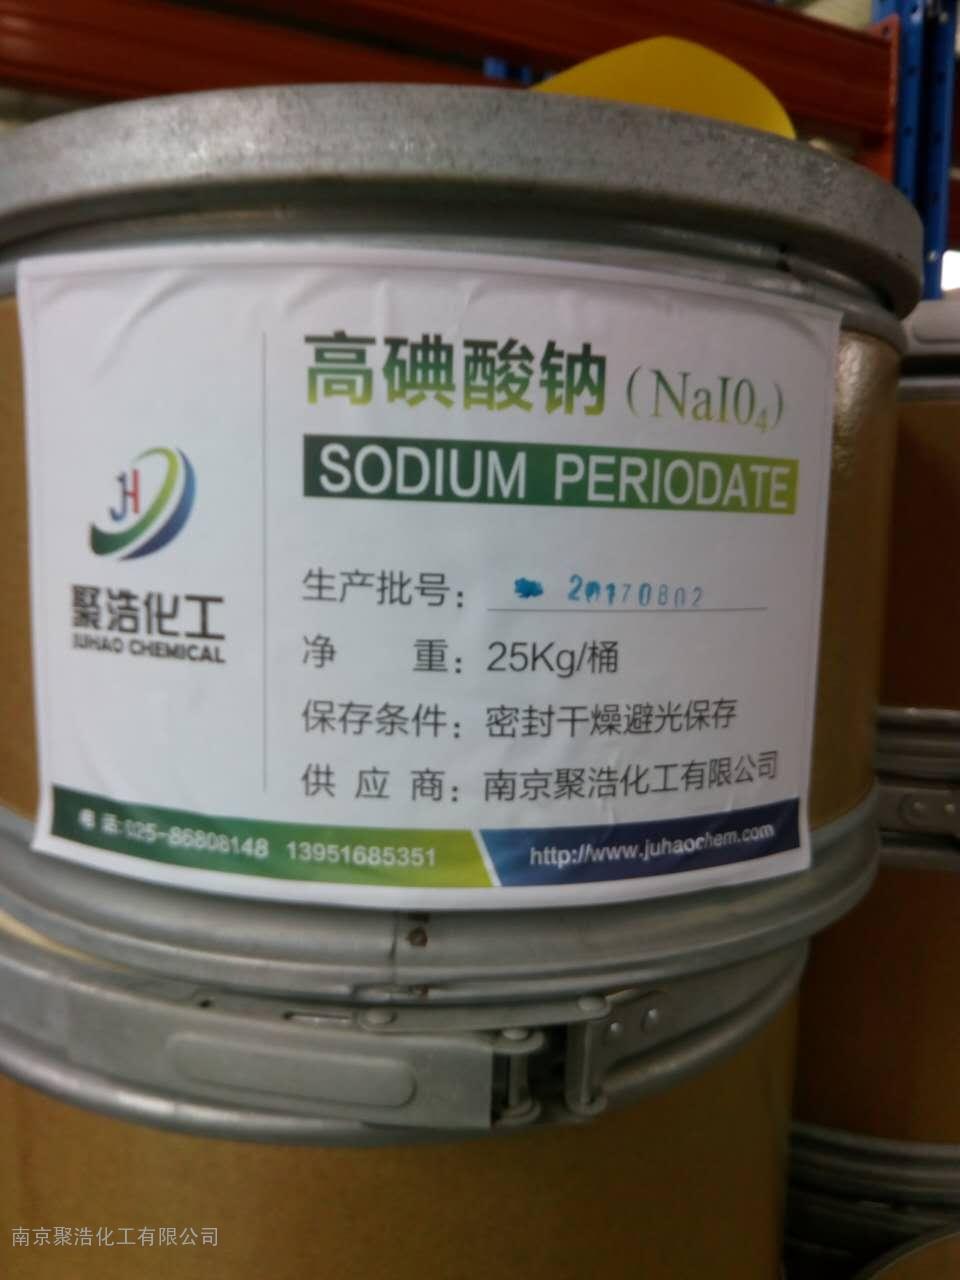 高碘酸钠 (sodium periodate)